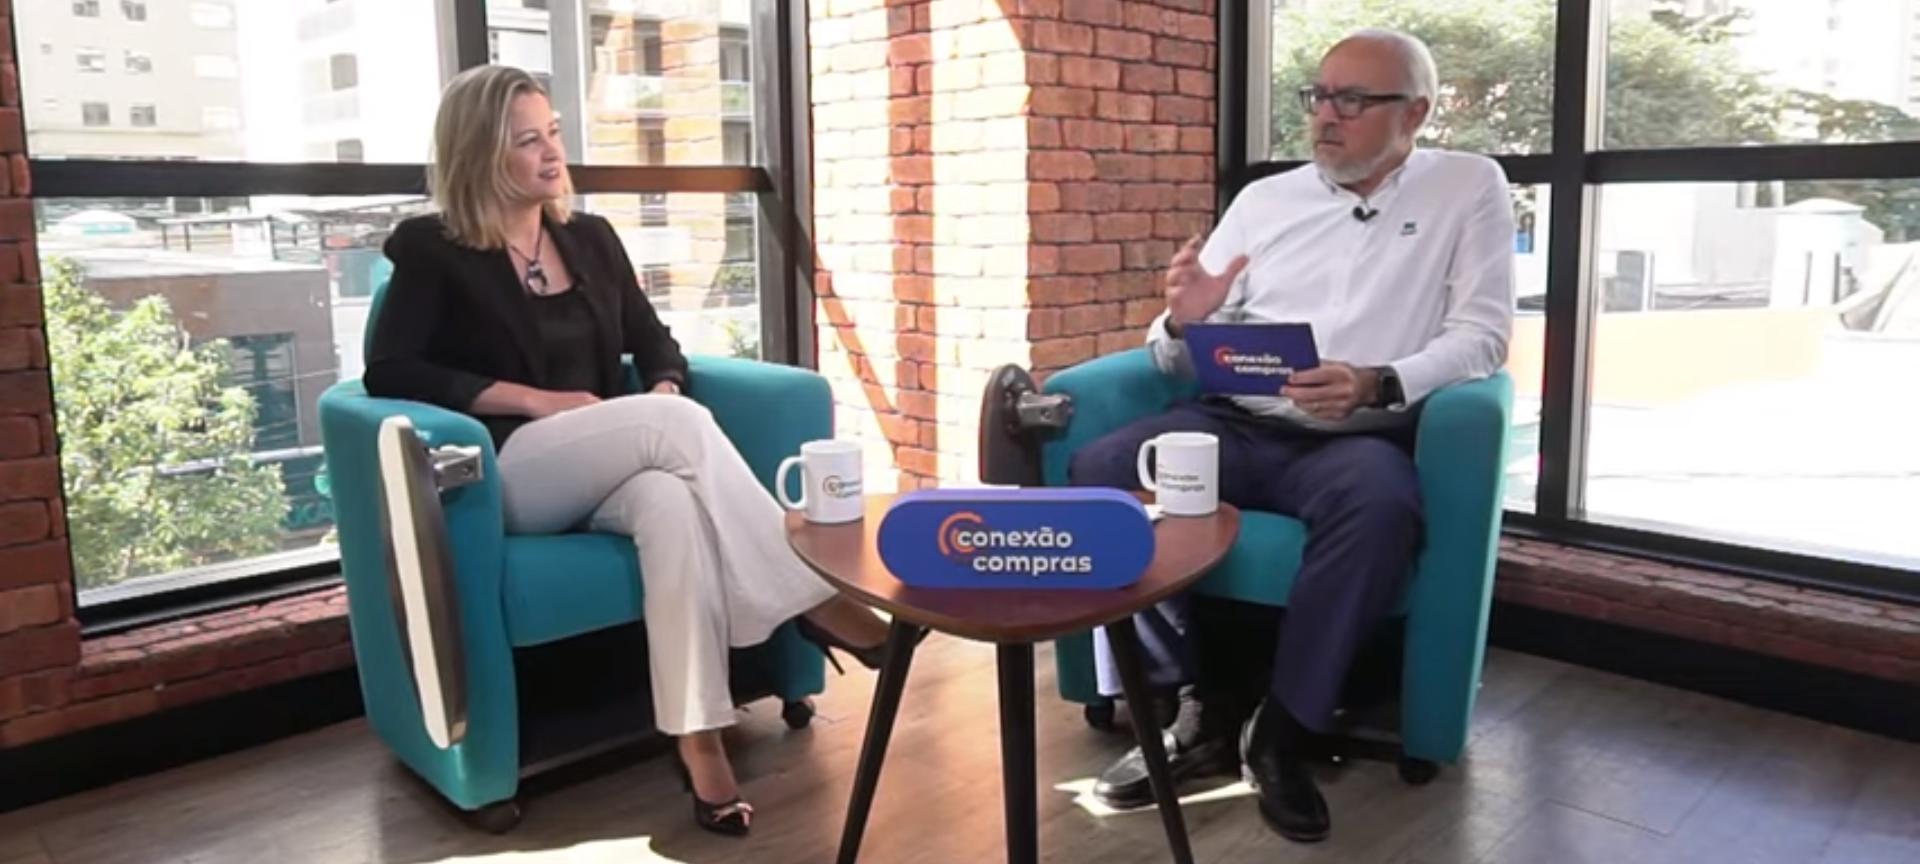 Conexão Compras: Gabriella Spinola fala sobre compras 4.0 e faz reflexões sobre o futuro